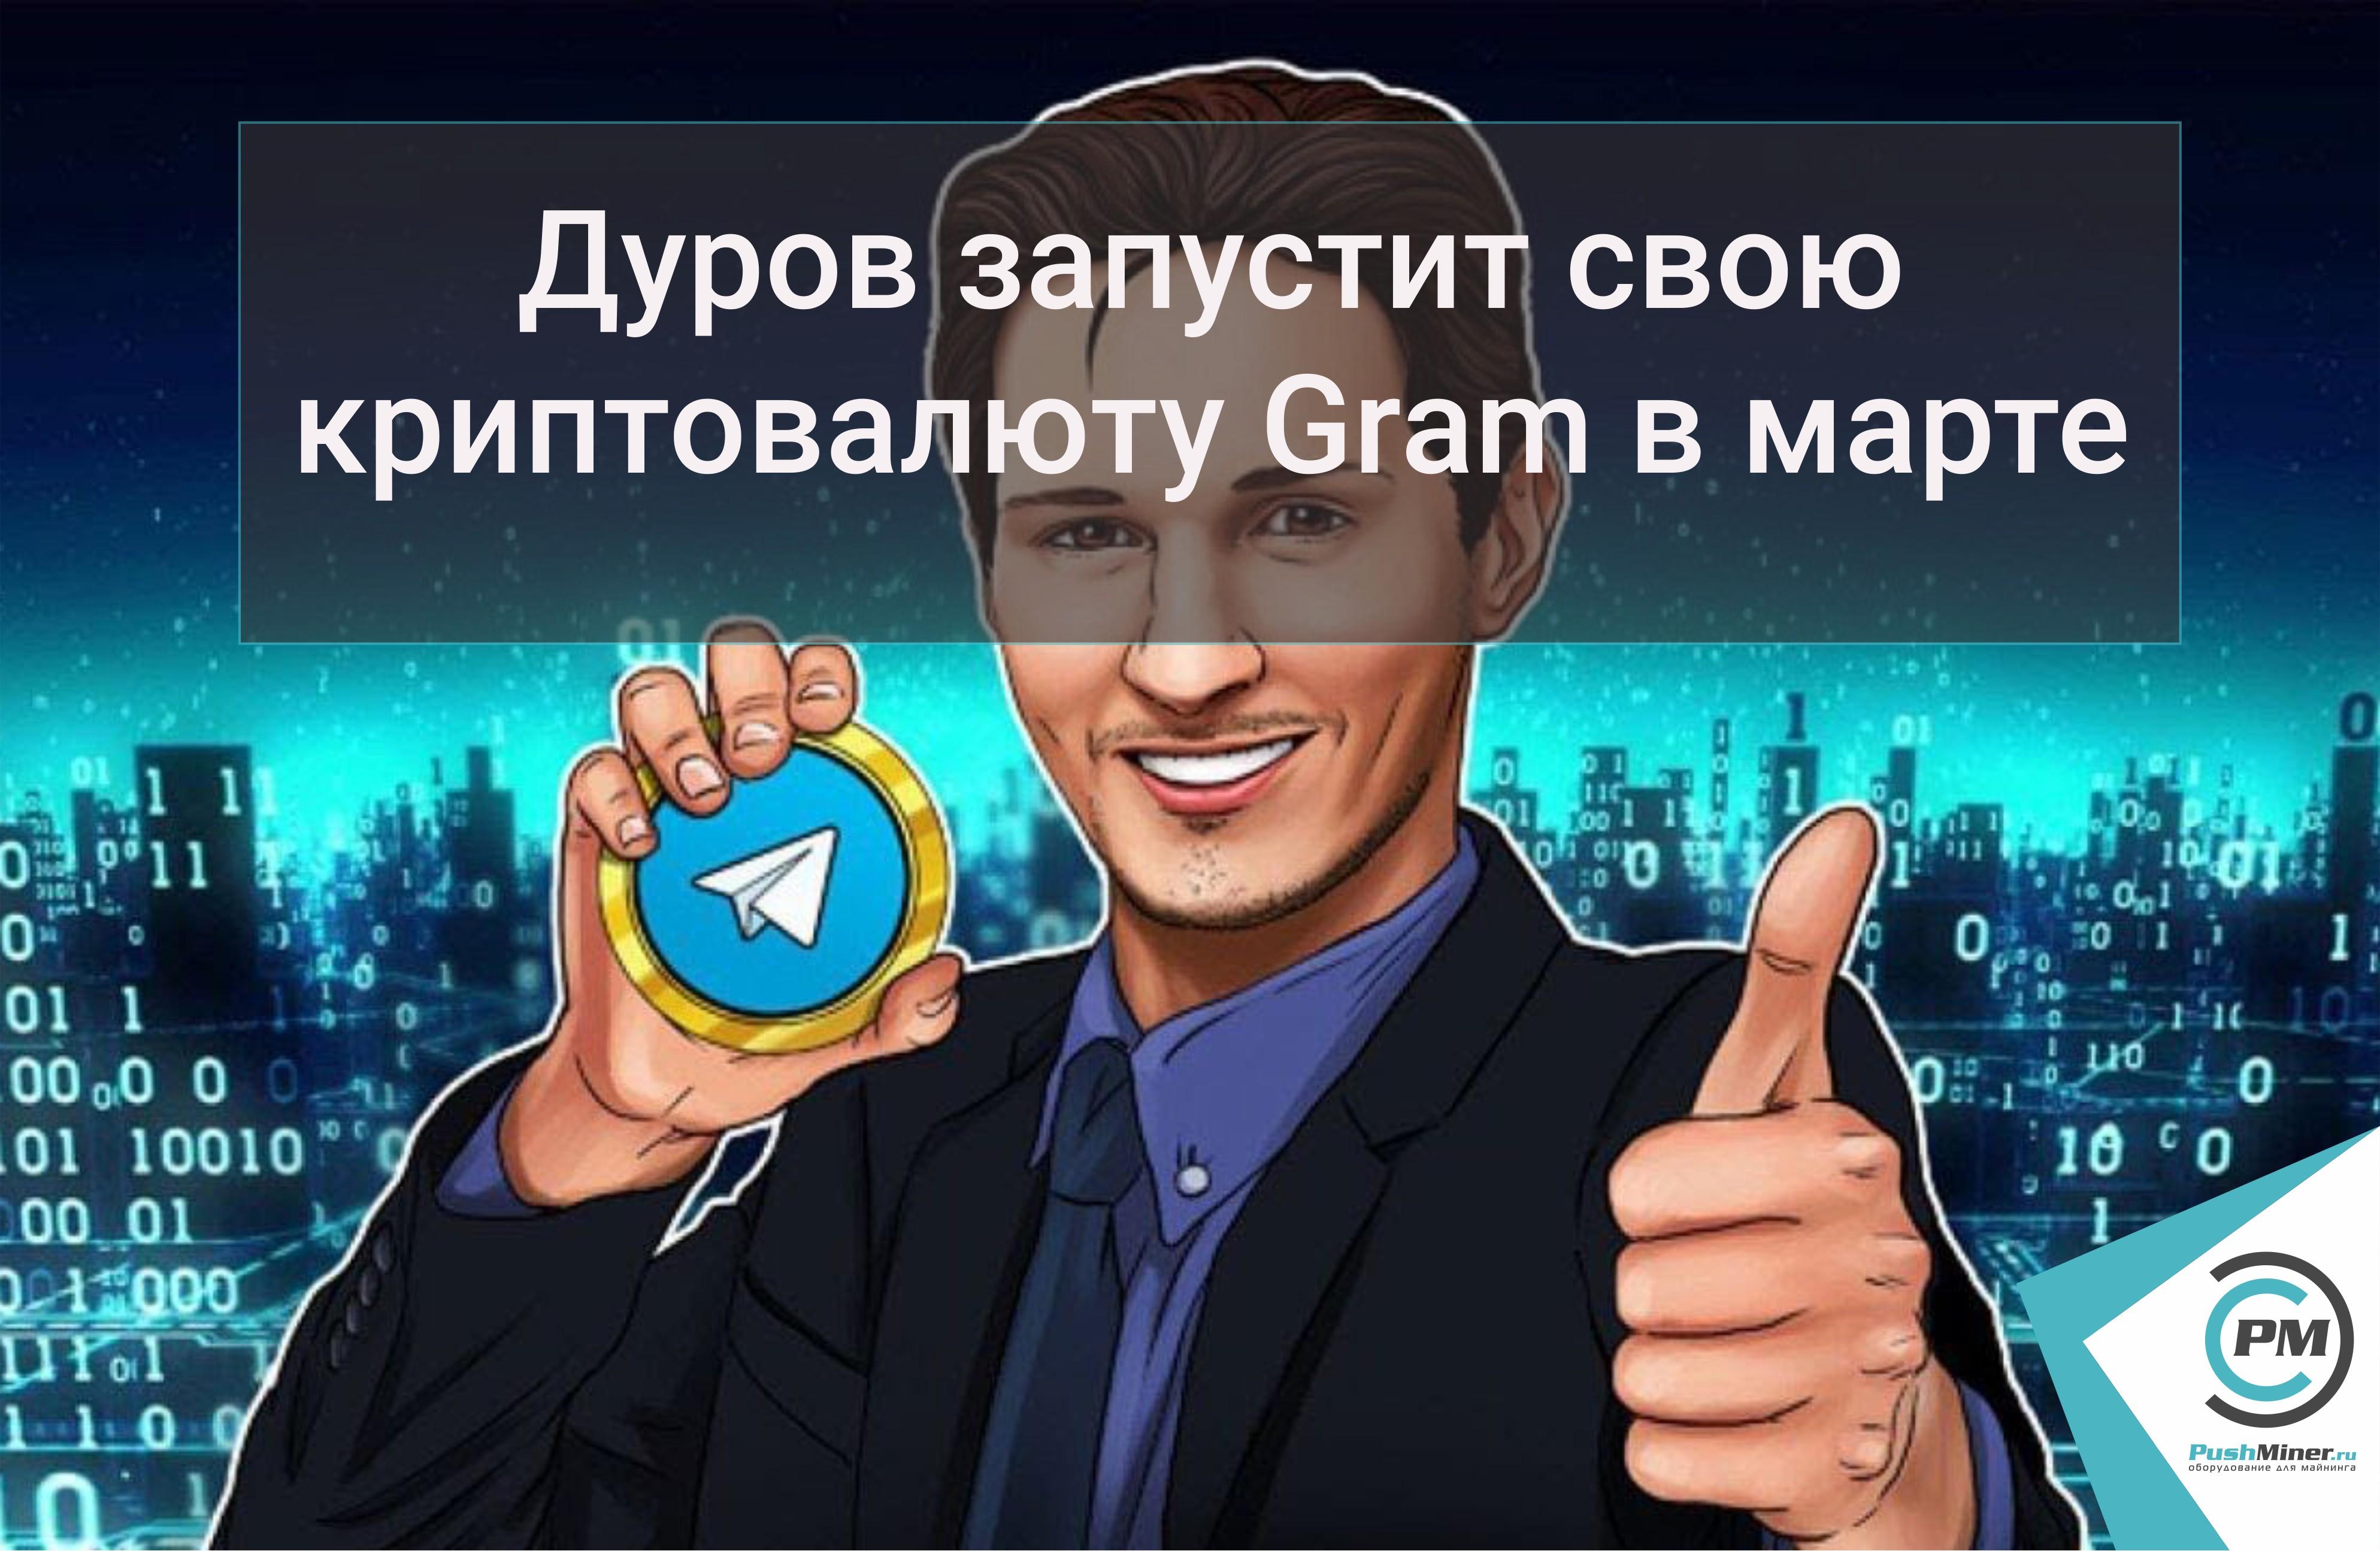 Дуров запустит свою криптовалюту Gram в марте